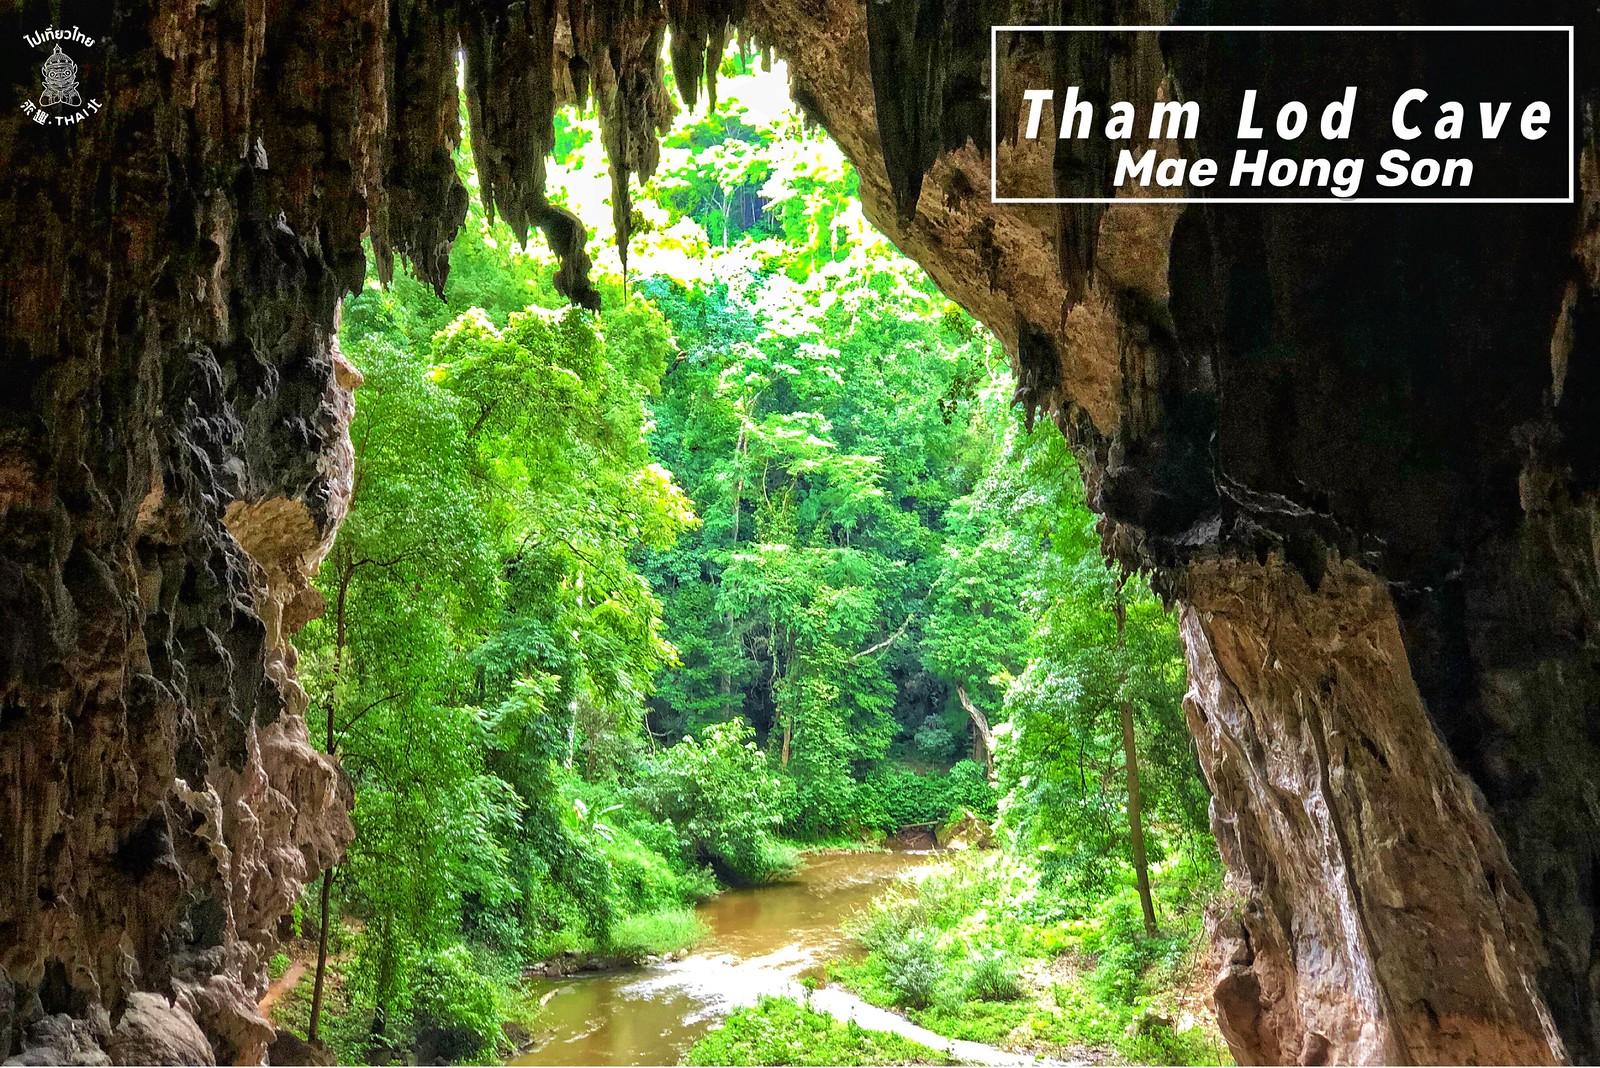 世界上最美的洞穴之一。《Tham Lod Cave》